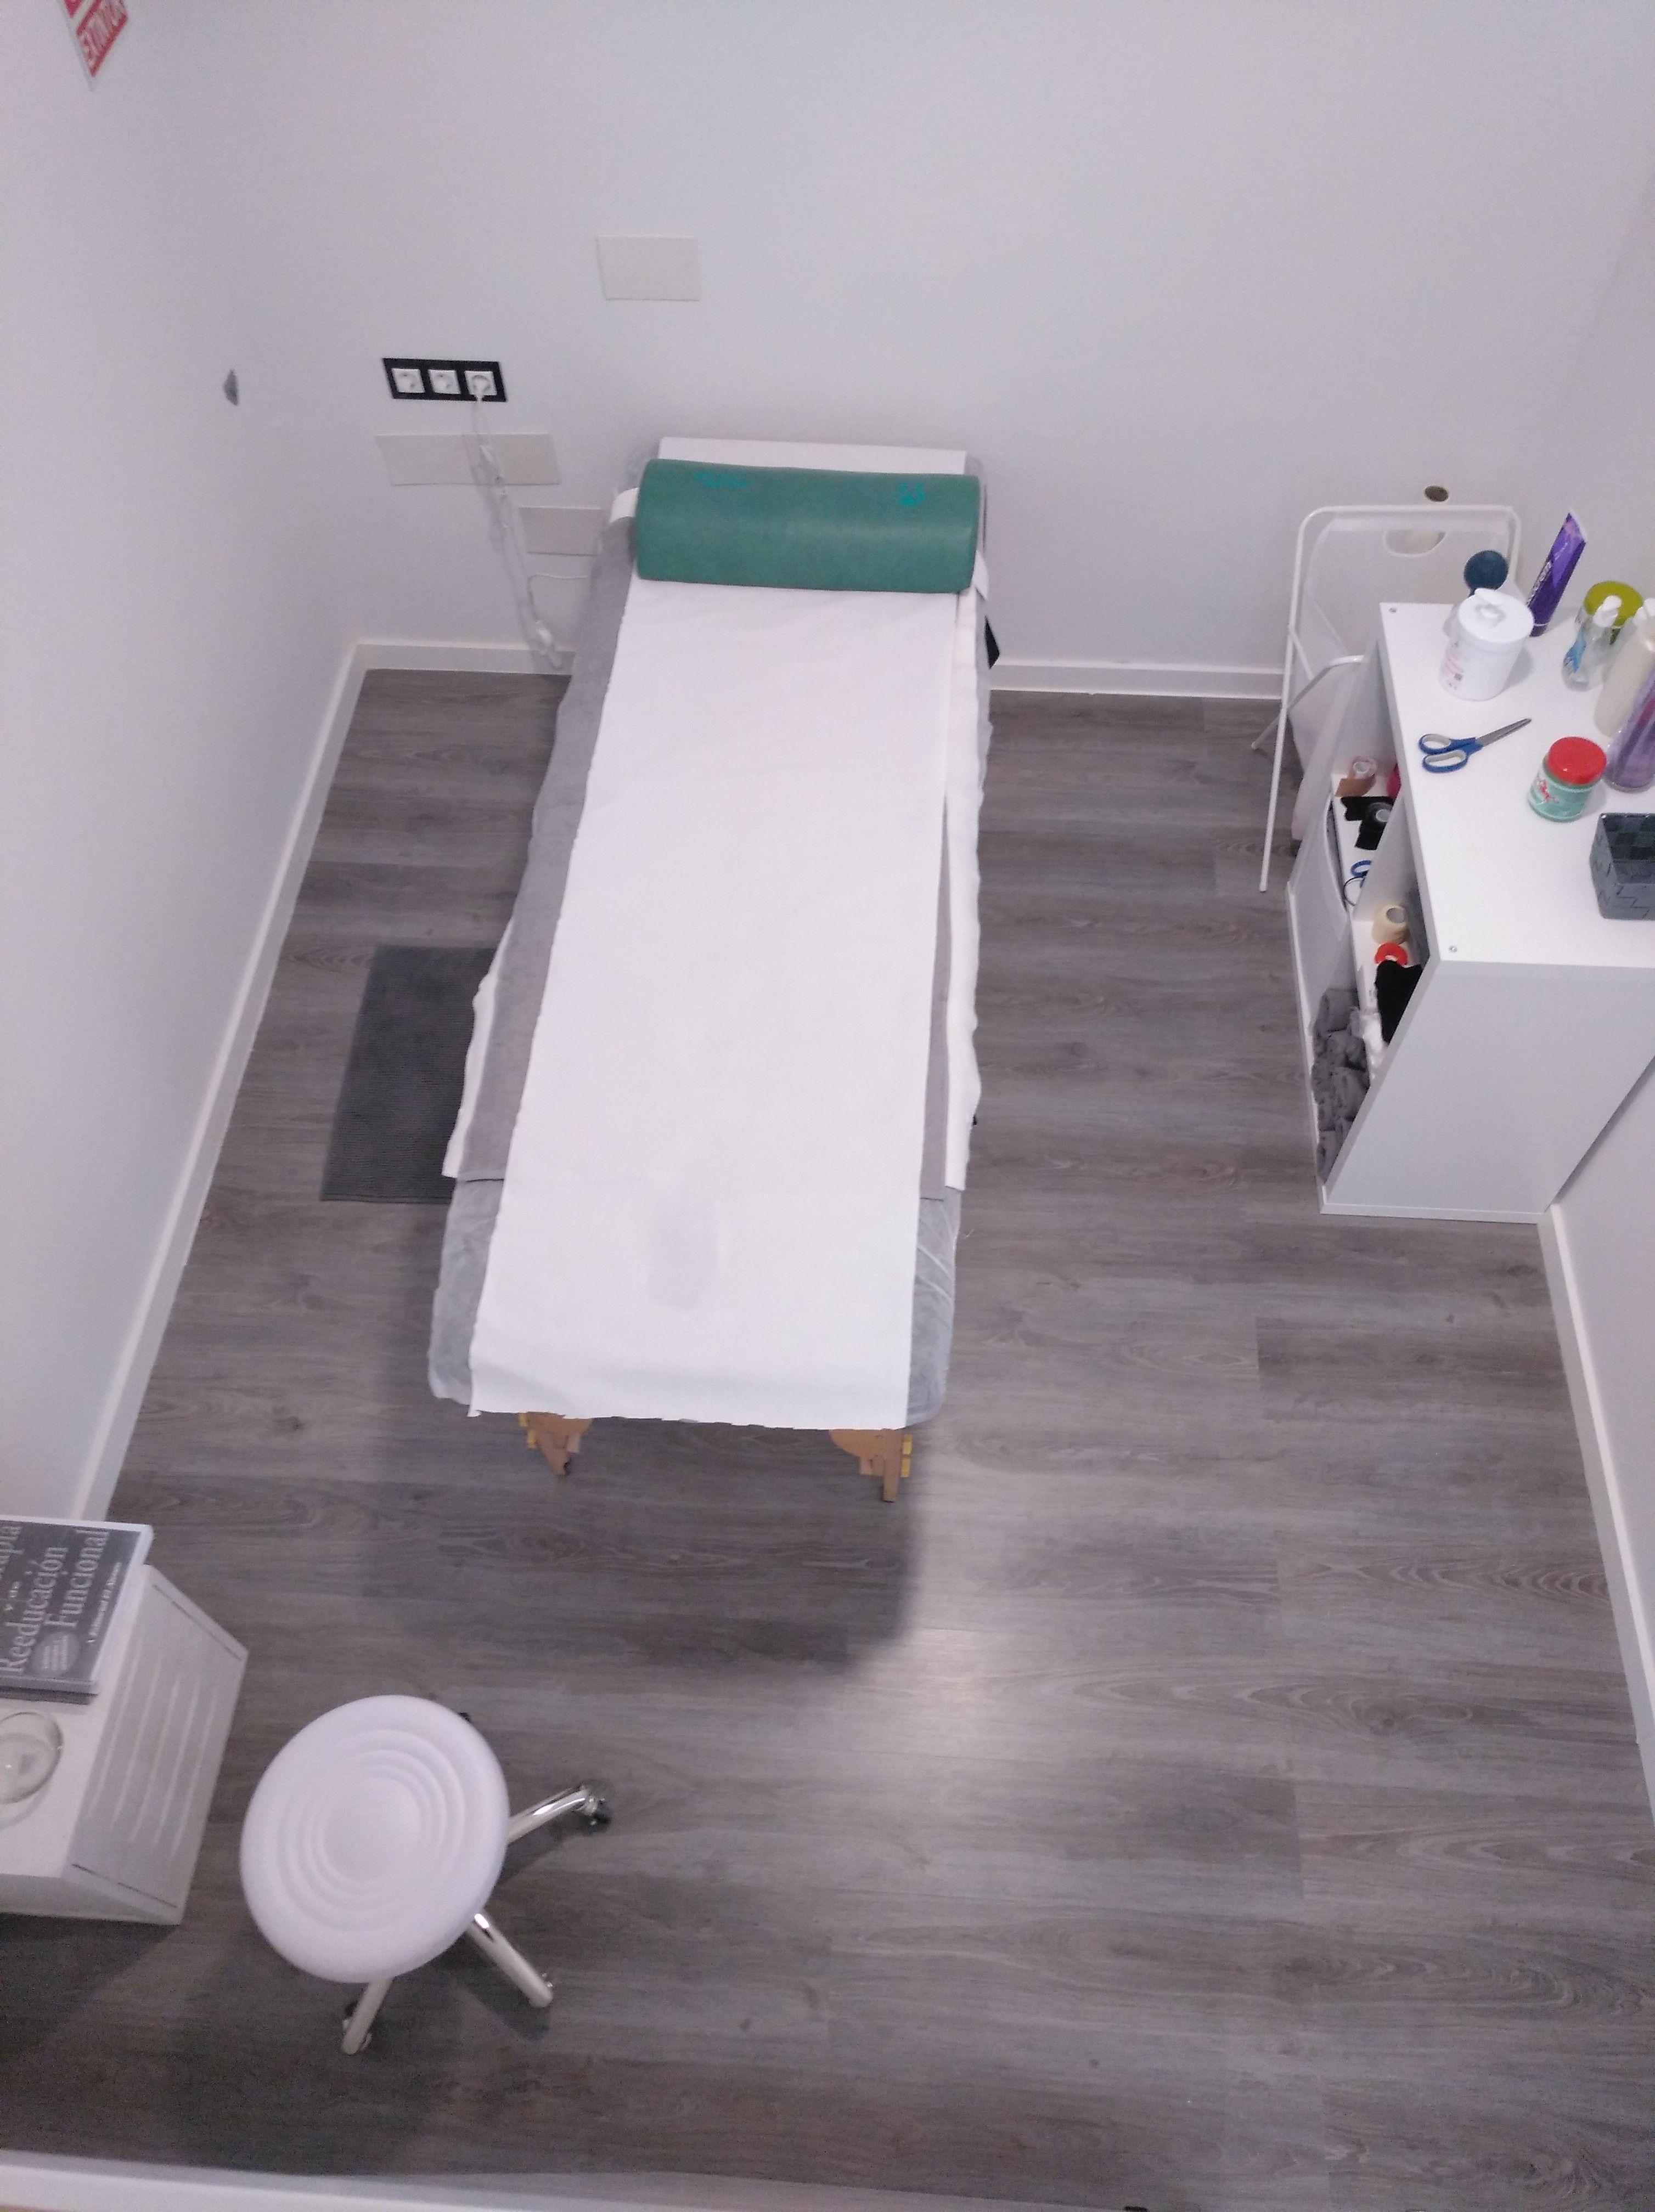 Centro de terapias de salud y belleza en Fuenlabrada